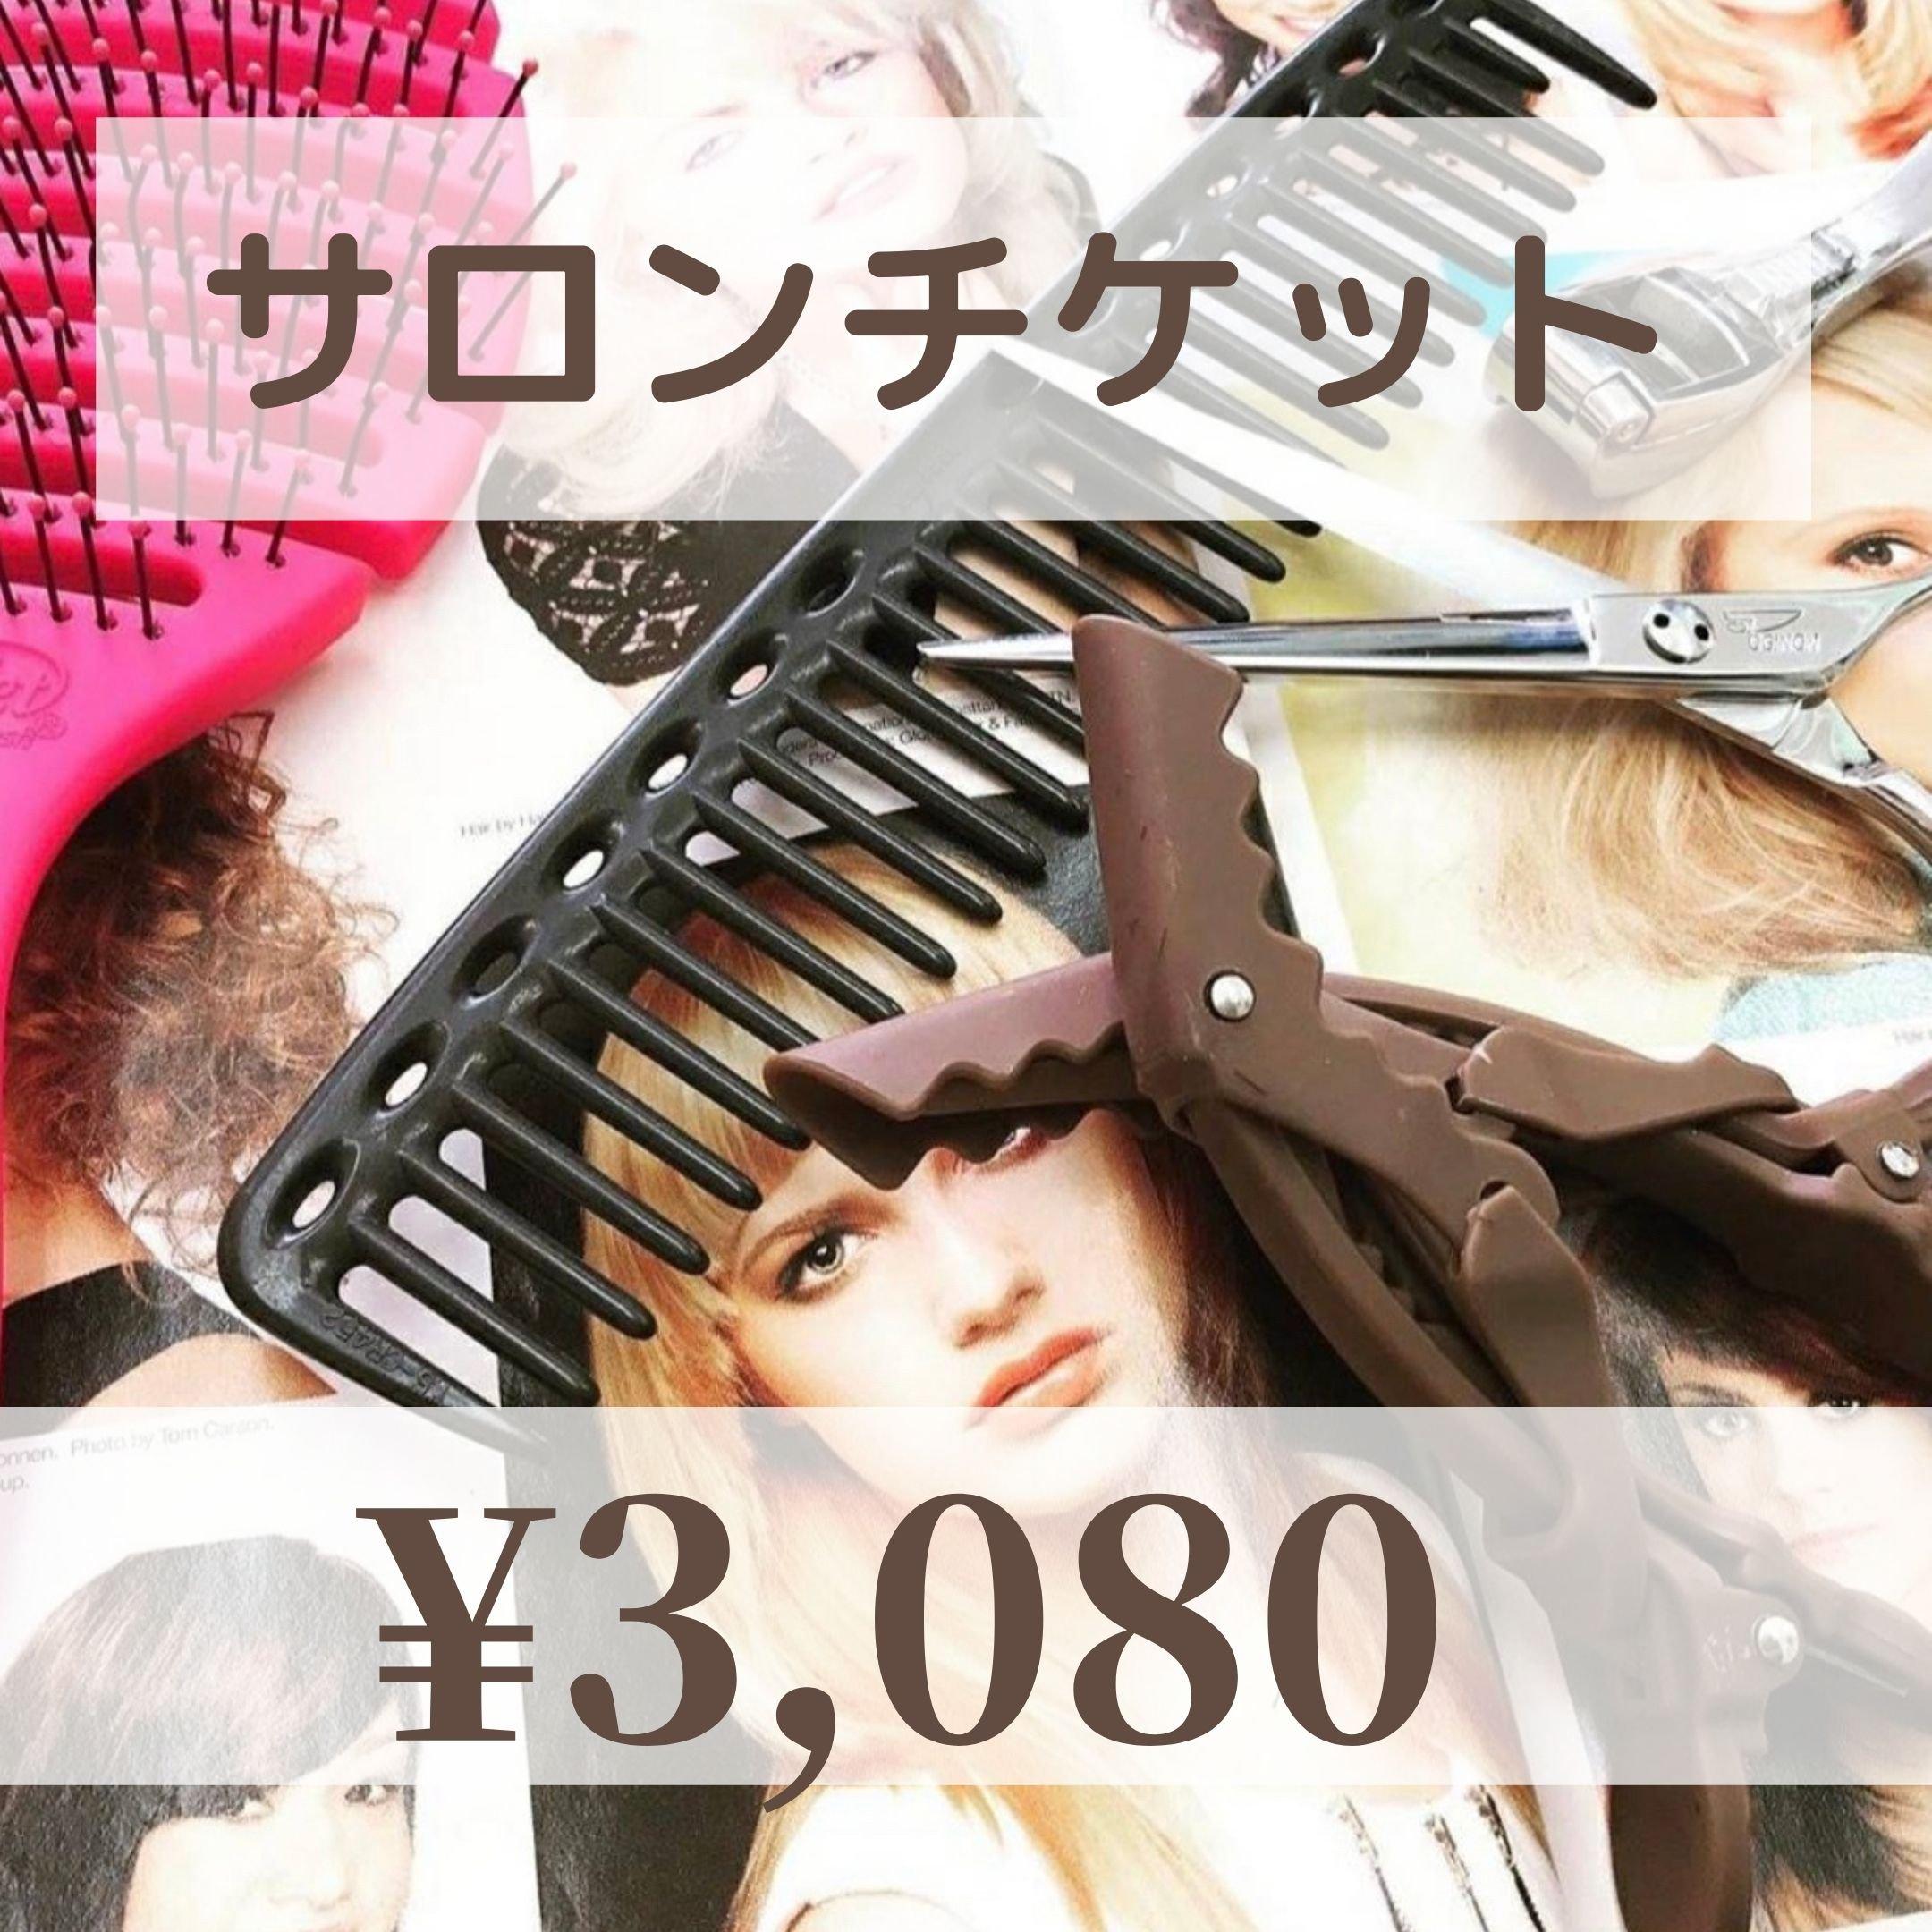 【現地払い専用】サロンチケット¥3080のイメージその1